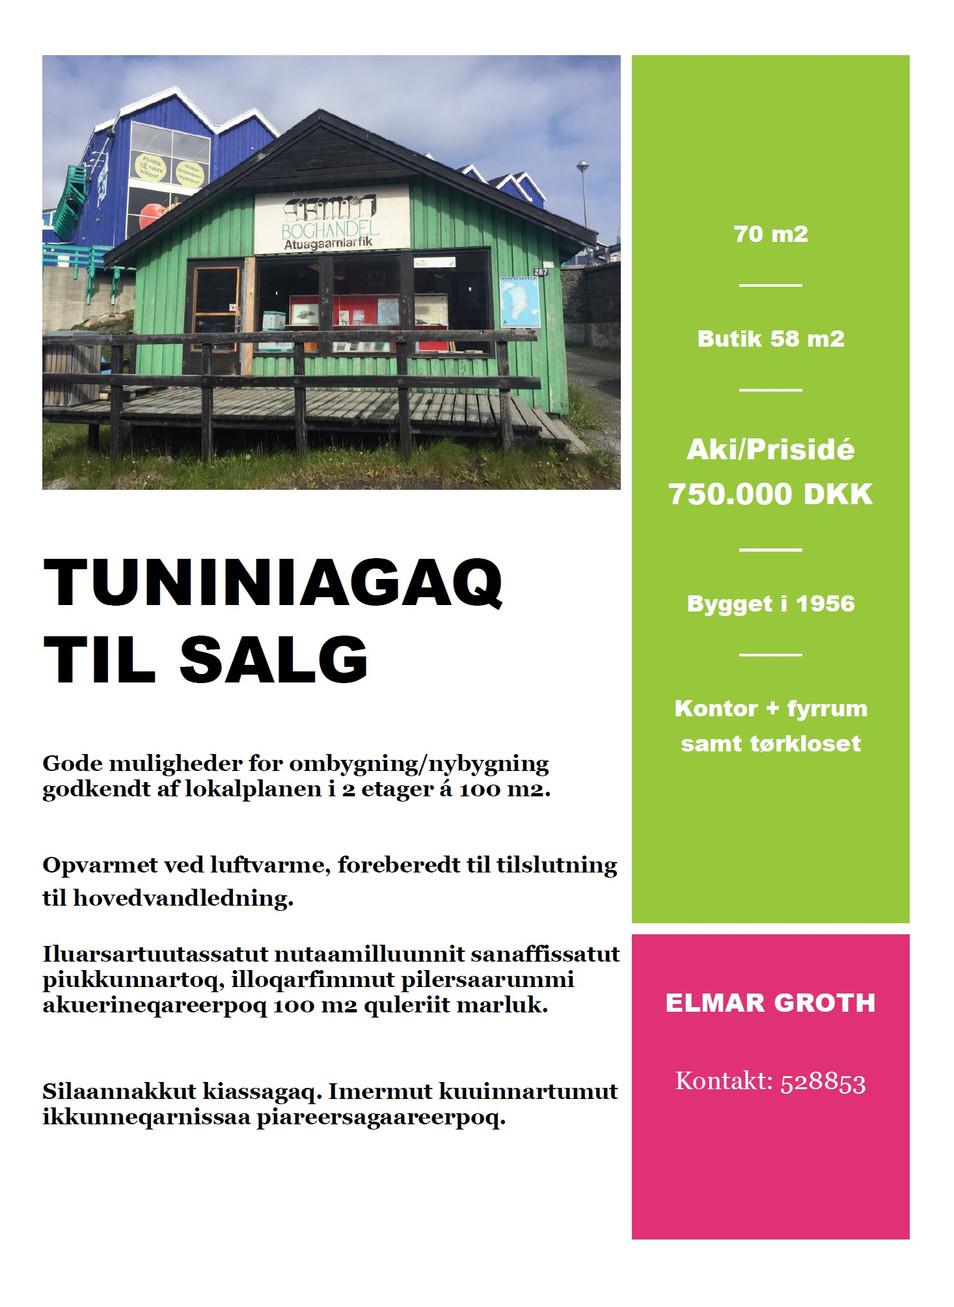 Tuniniagaq / Til salg